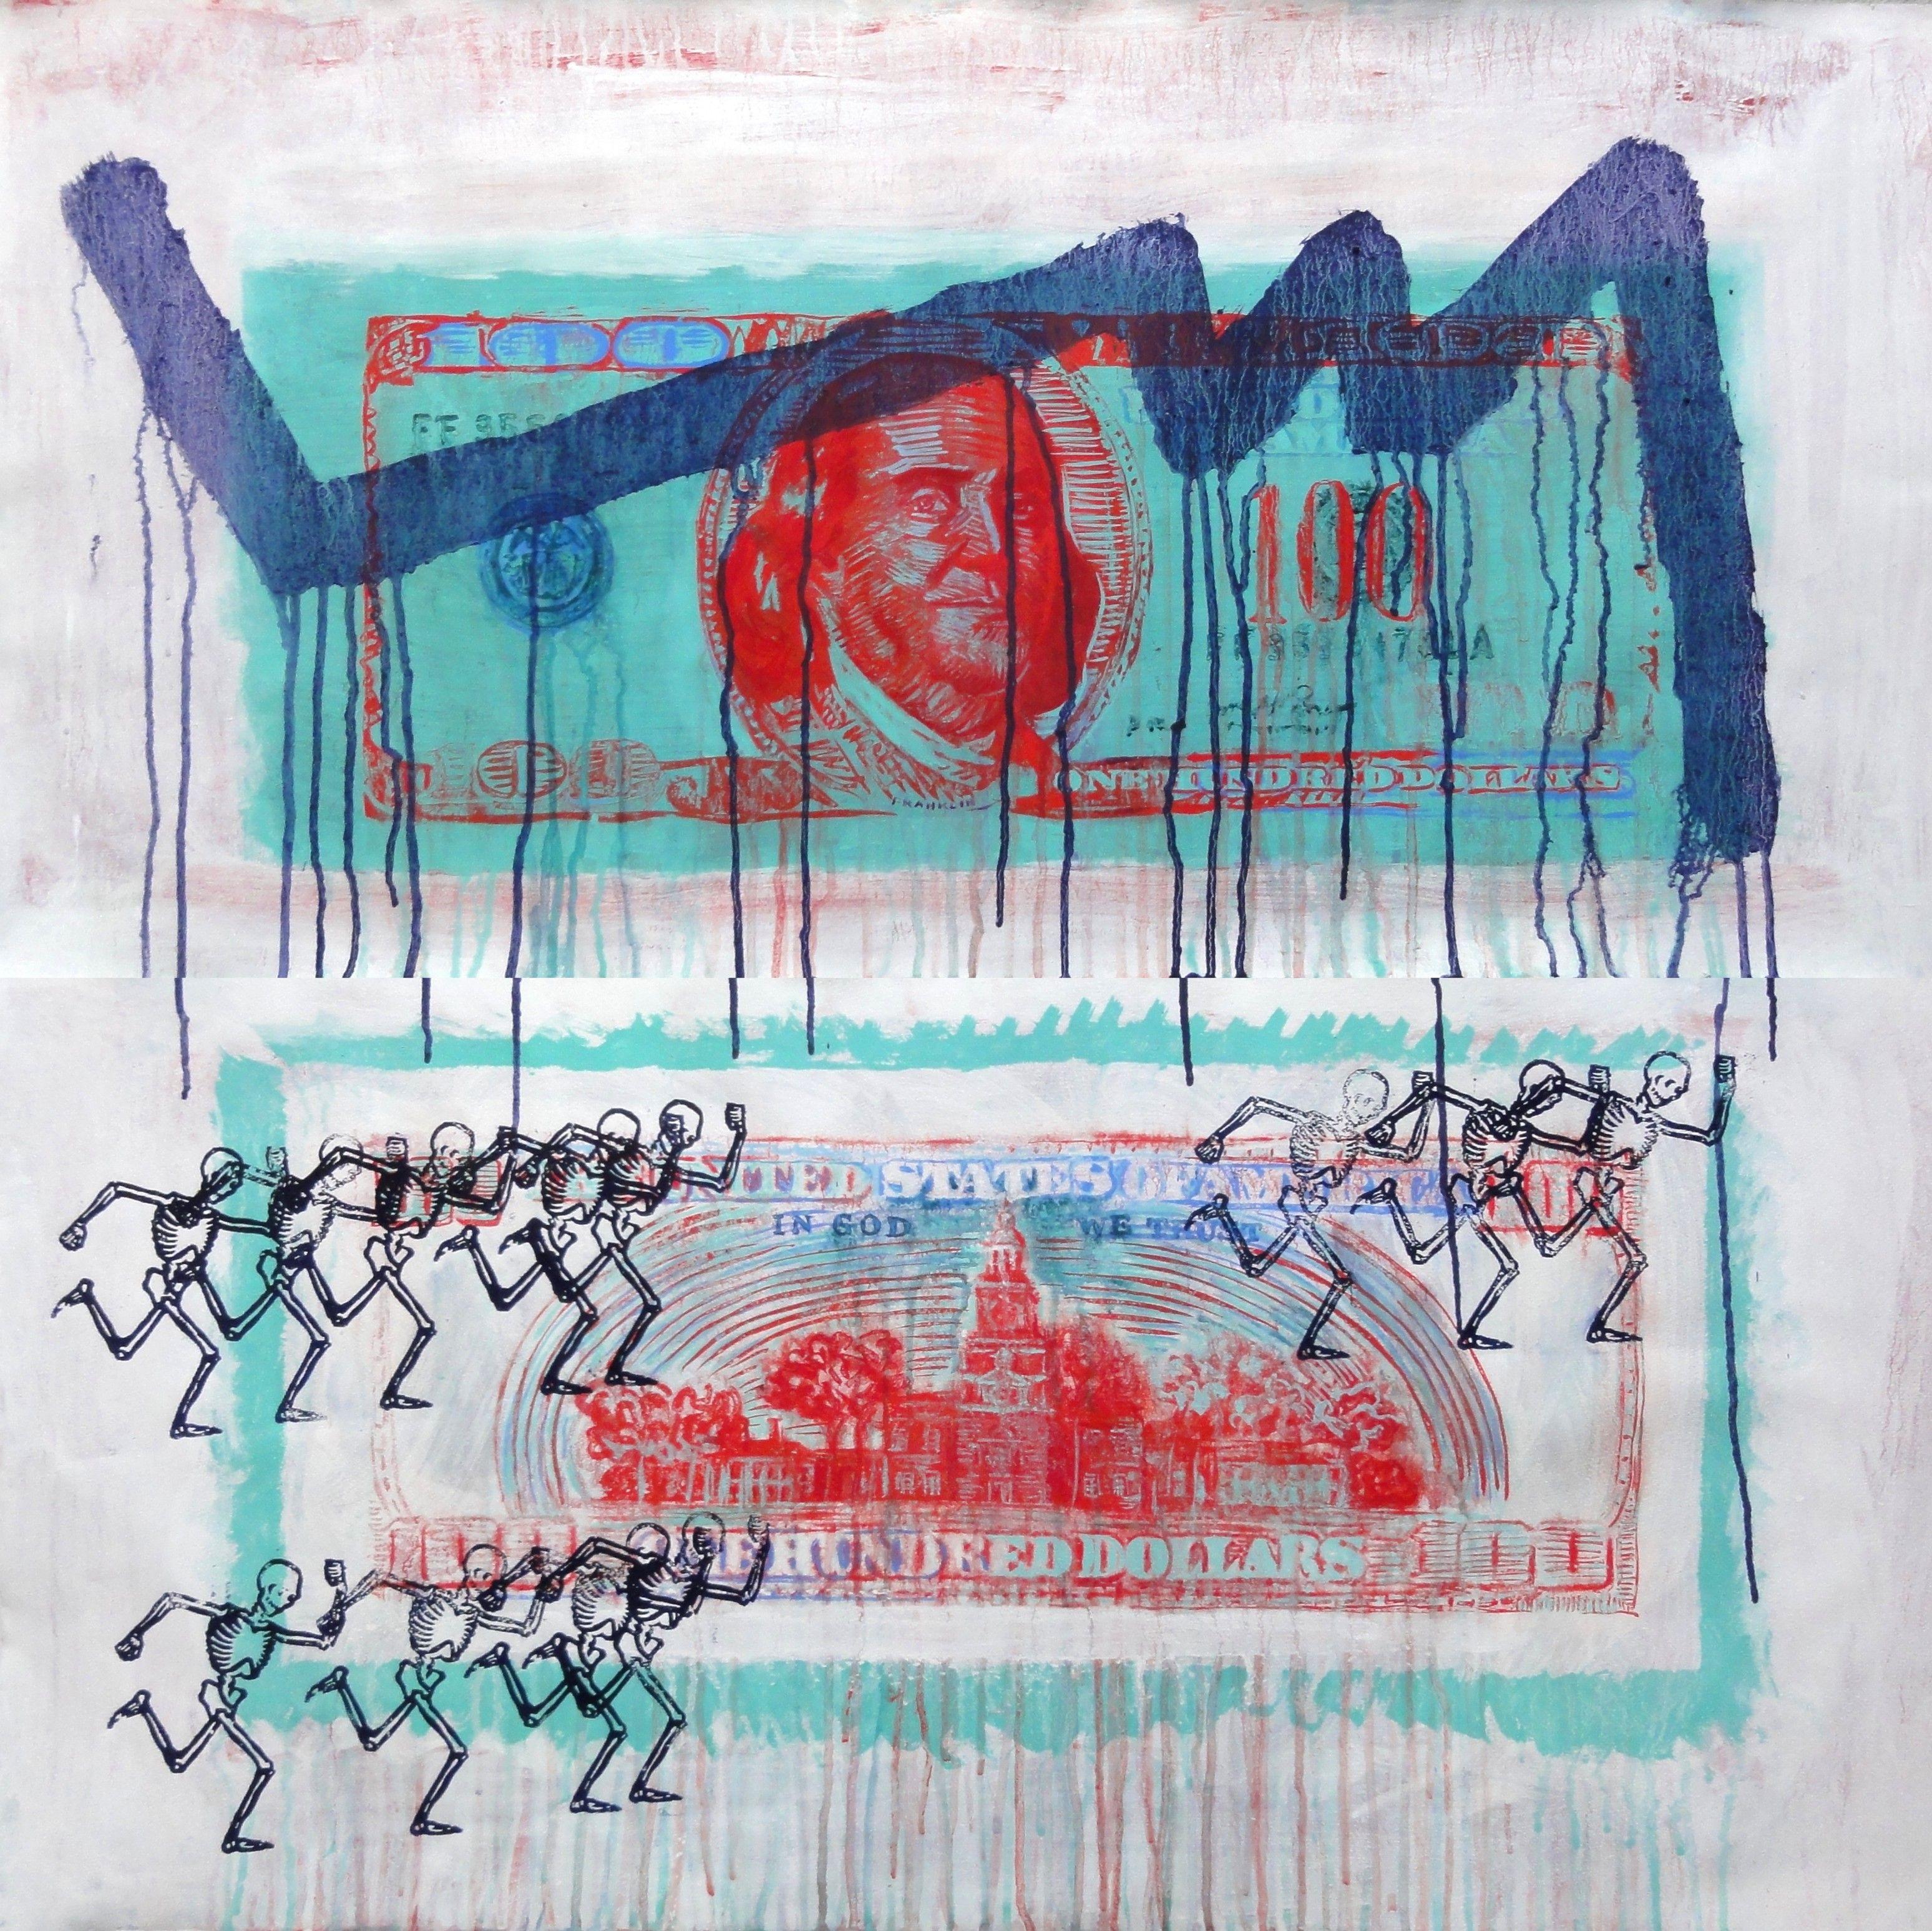 Running on Empty S-N°5 by Julien Guibreteau